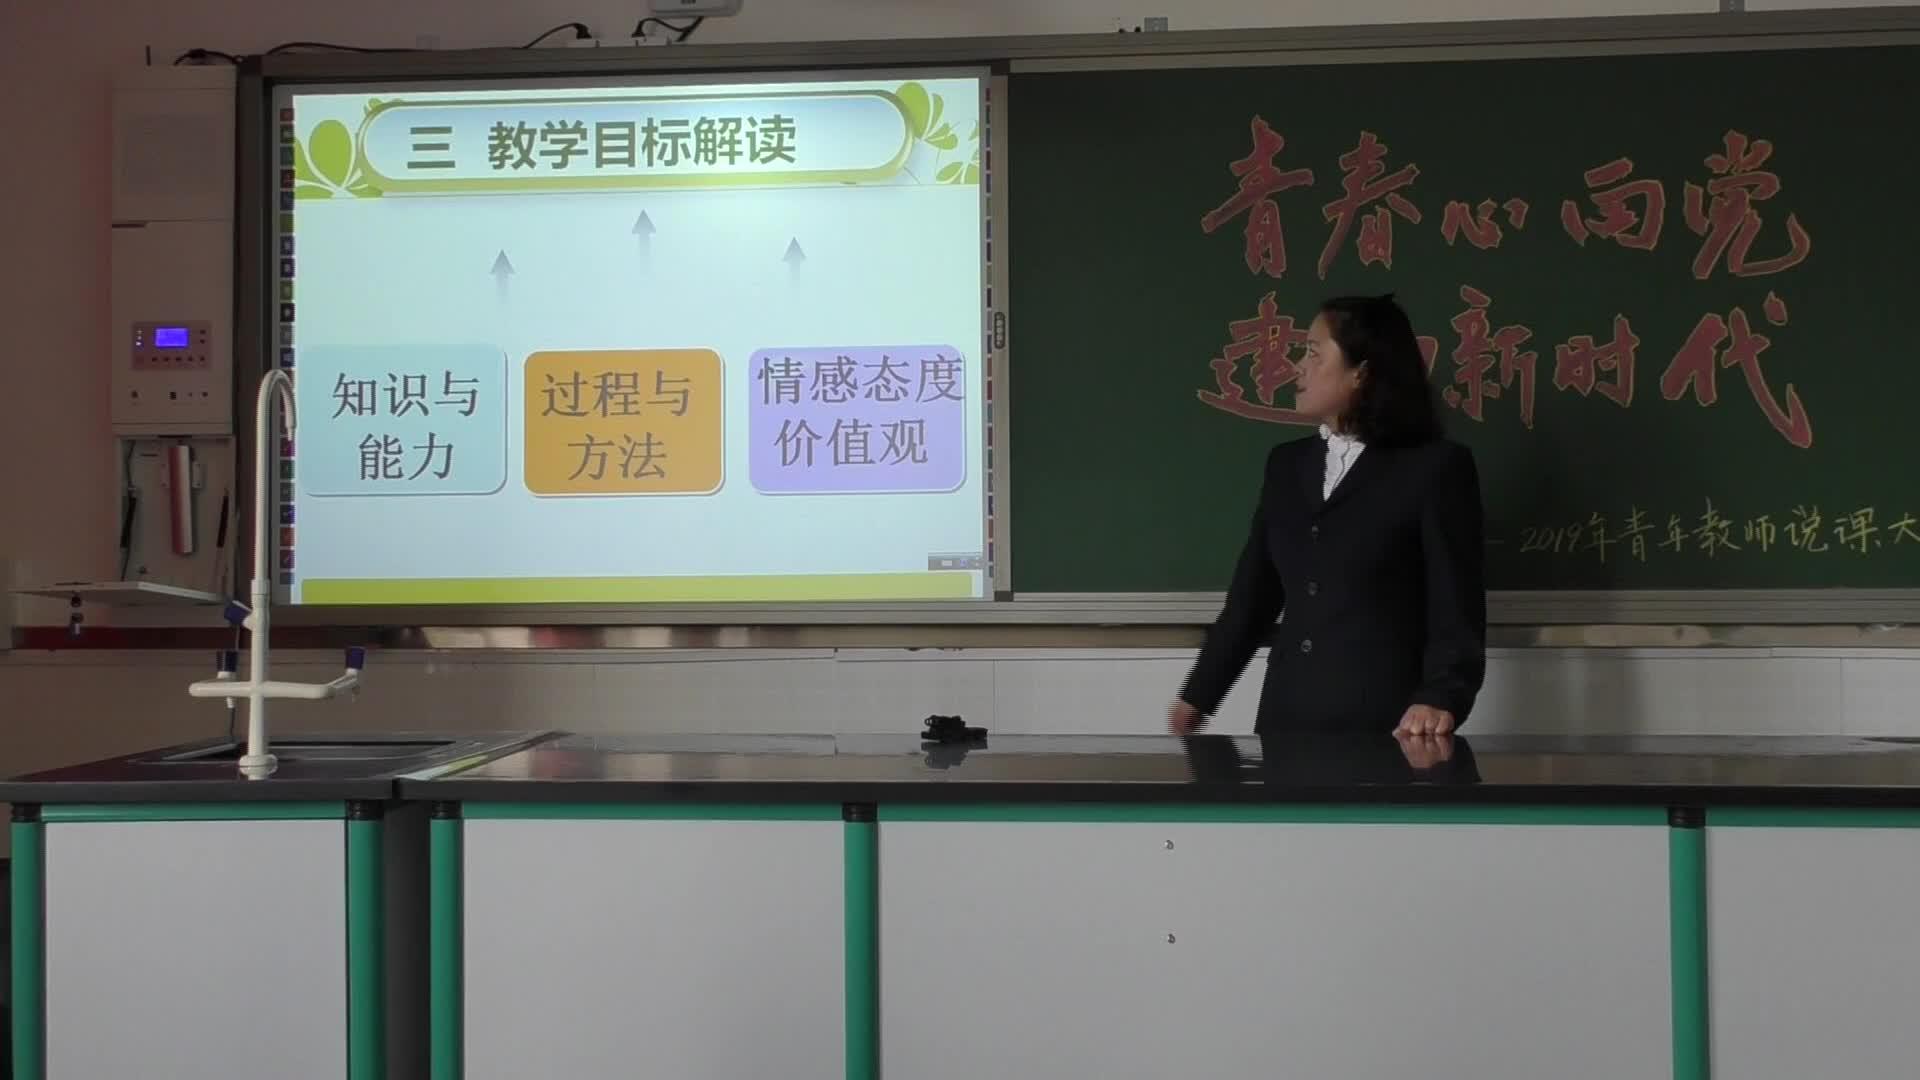 部编版 六年级语文下册  第6课 北京的春天-视频说课